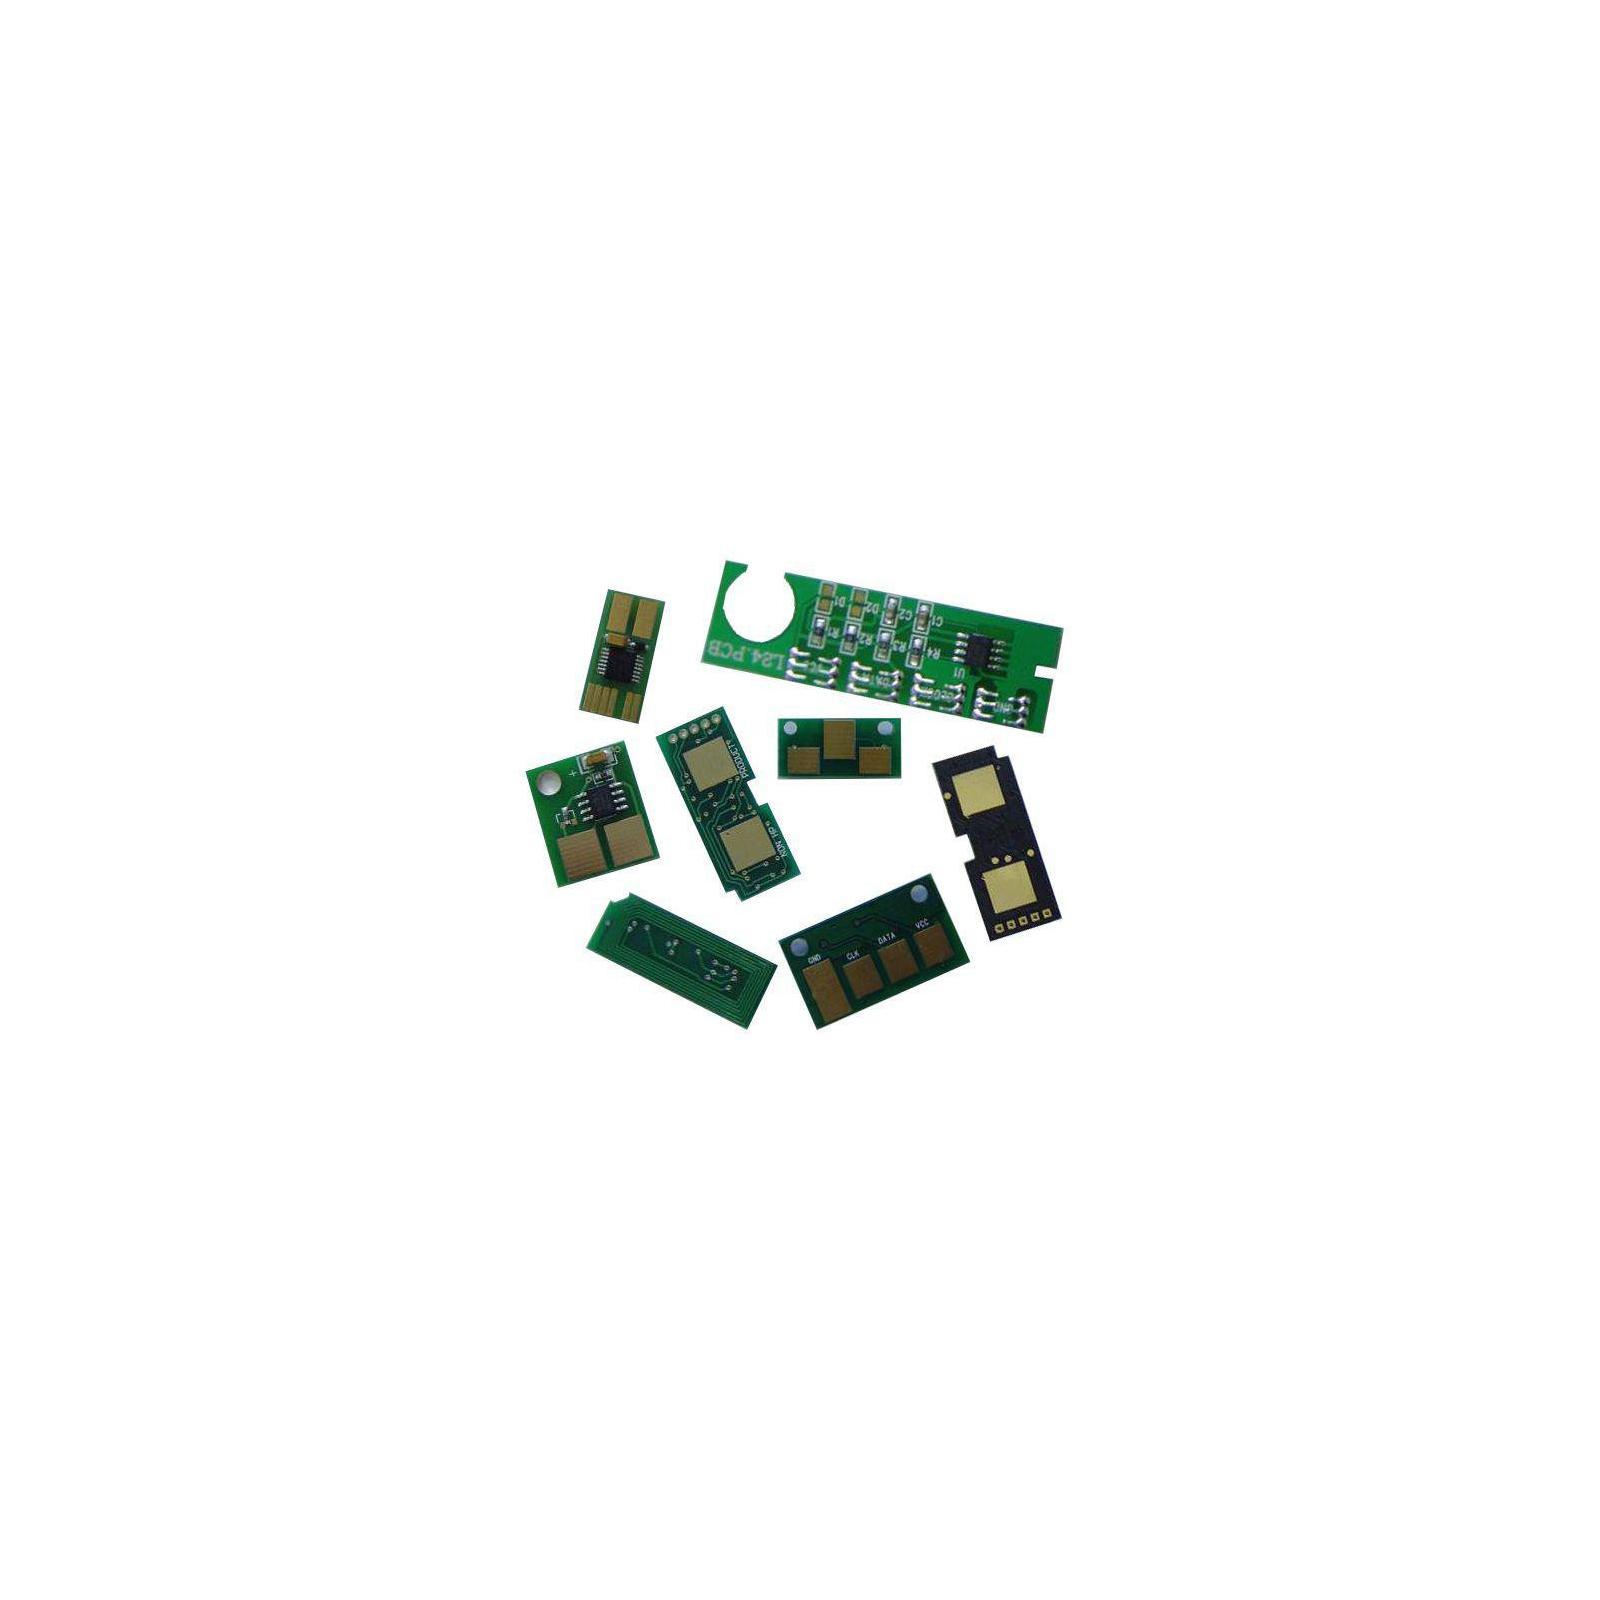 Чип для картриджа EPSON T0802 ДЛЯ R265/P50 CYAN Apex (CHIP-EPS-T0802-C)